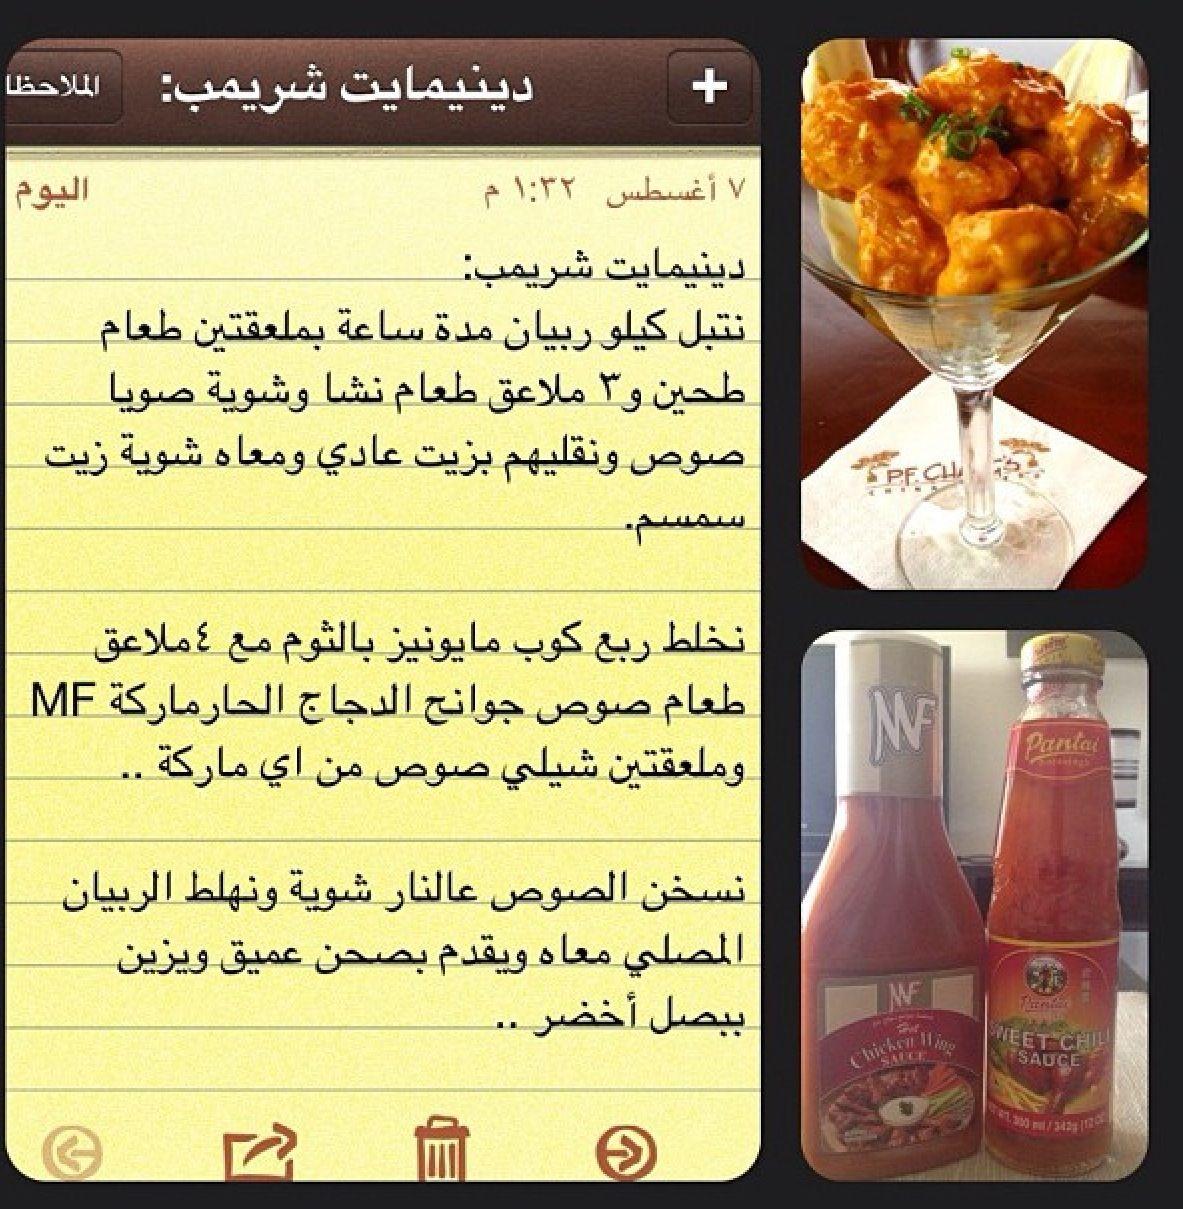 ربيان بالصلصه الحاره Food Receipes Arabic Food Food And Drink